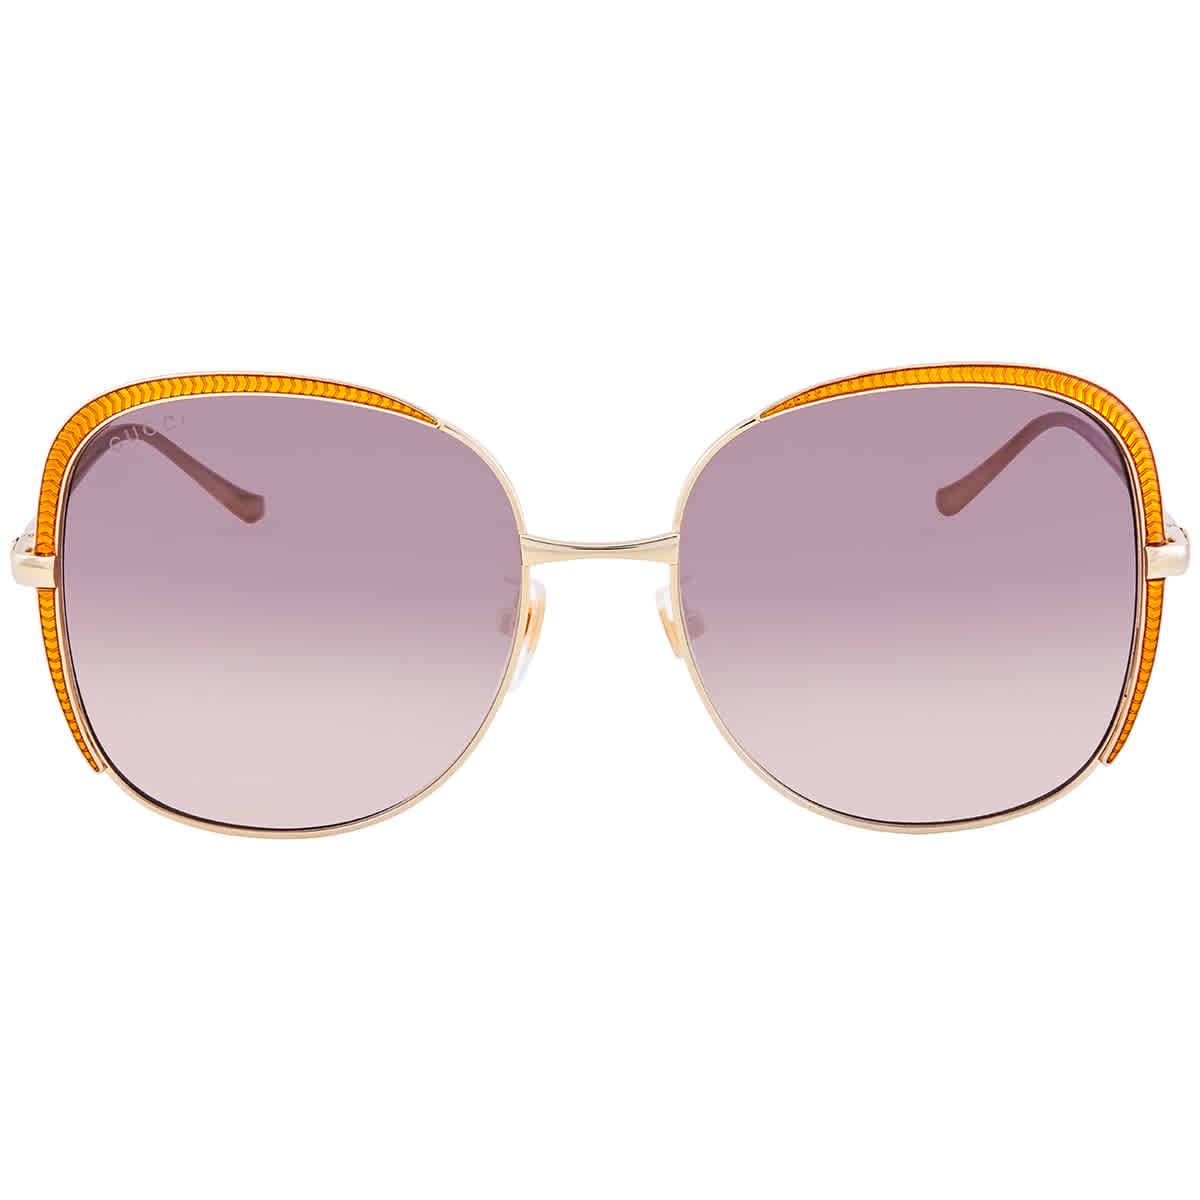 Gucci Rectangular Ladies Sunglasses Gg0400s 002 58 In Gold Tone,orange